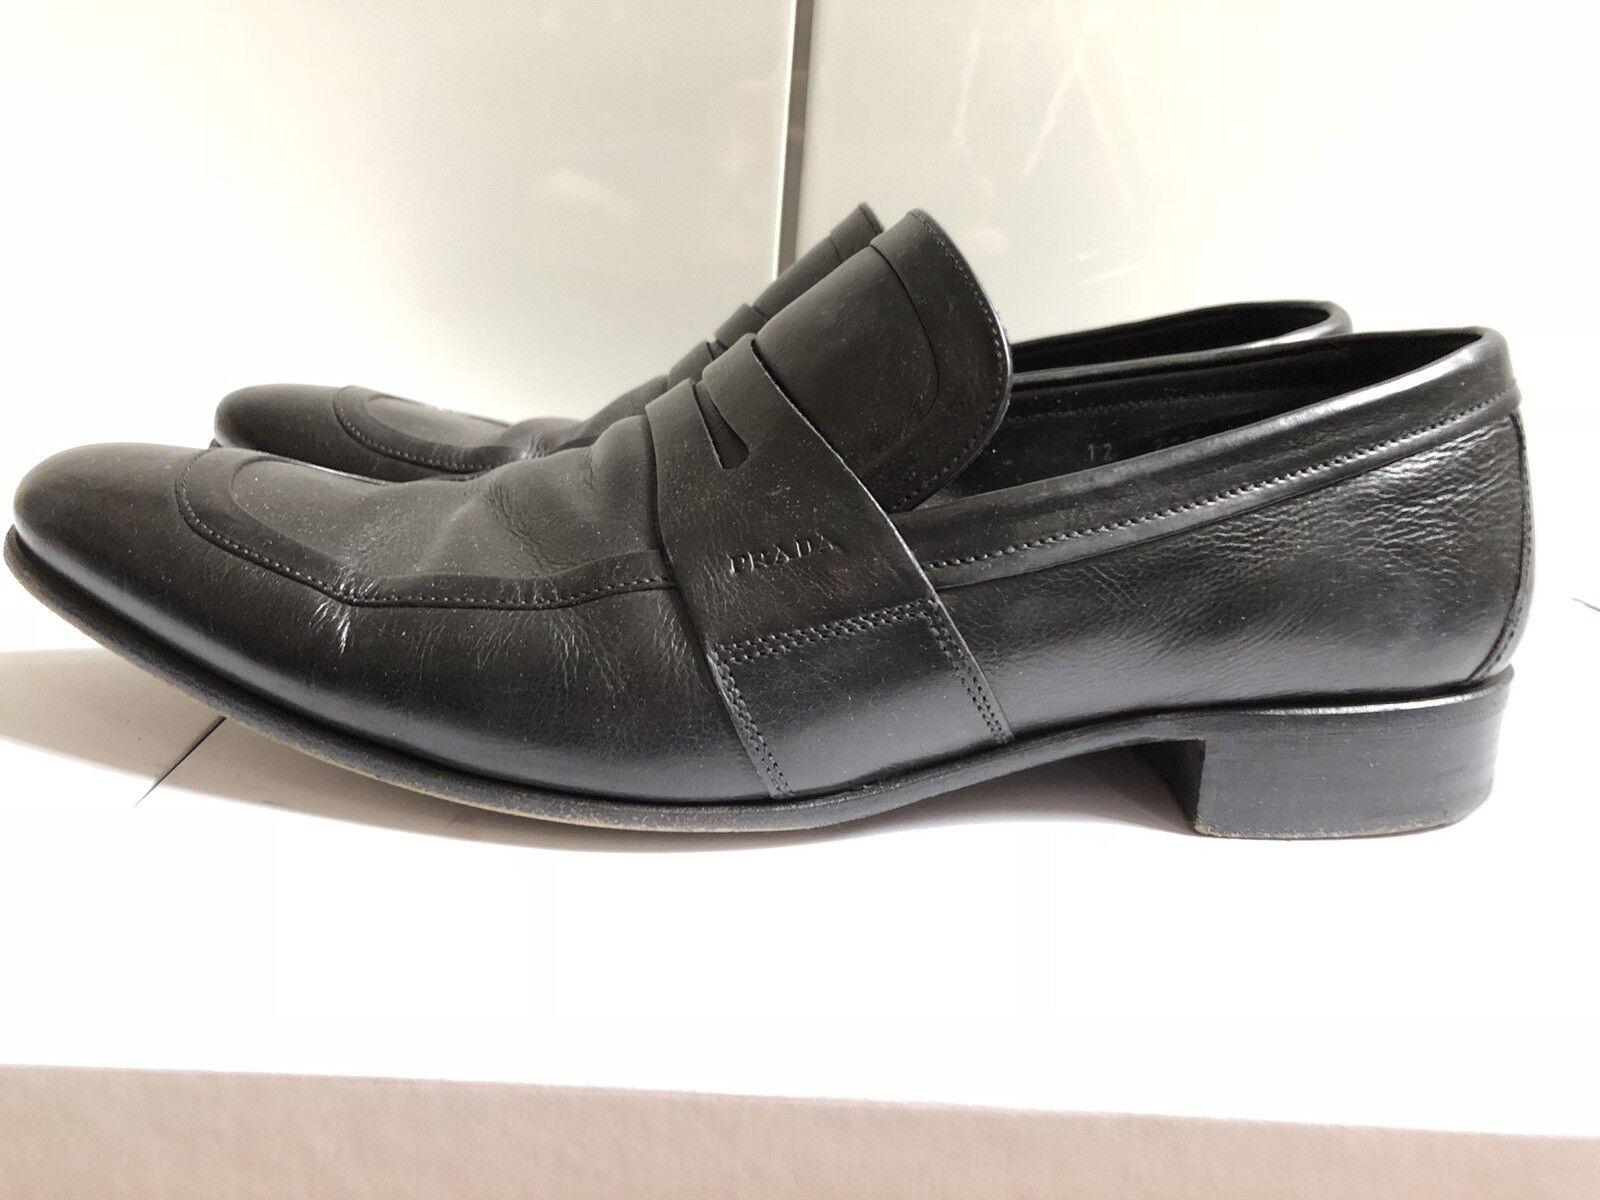 Billig slipper, gute Qualität Prada schwarz slipper, Billig Größe 43 a5a81e